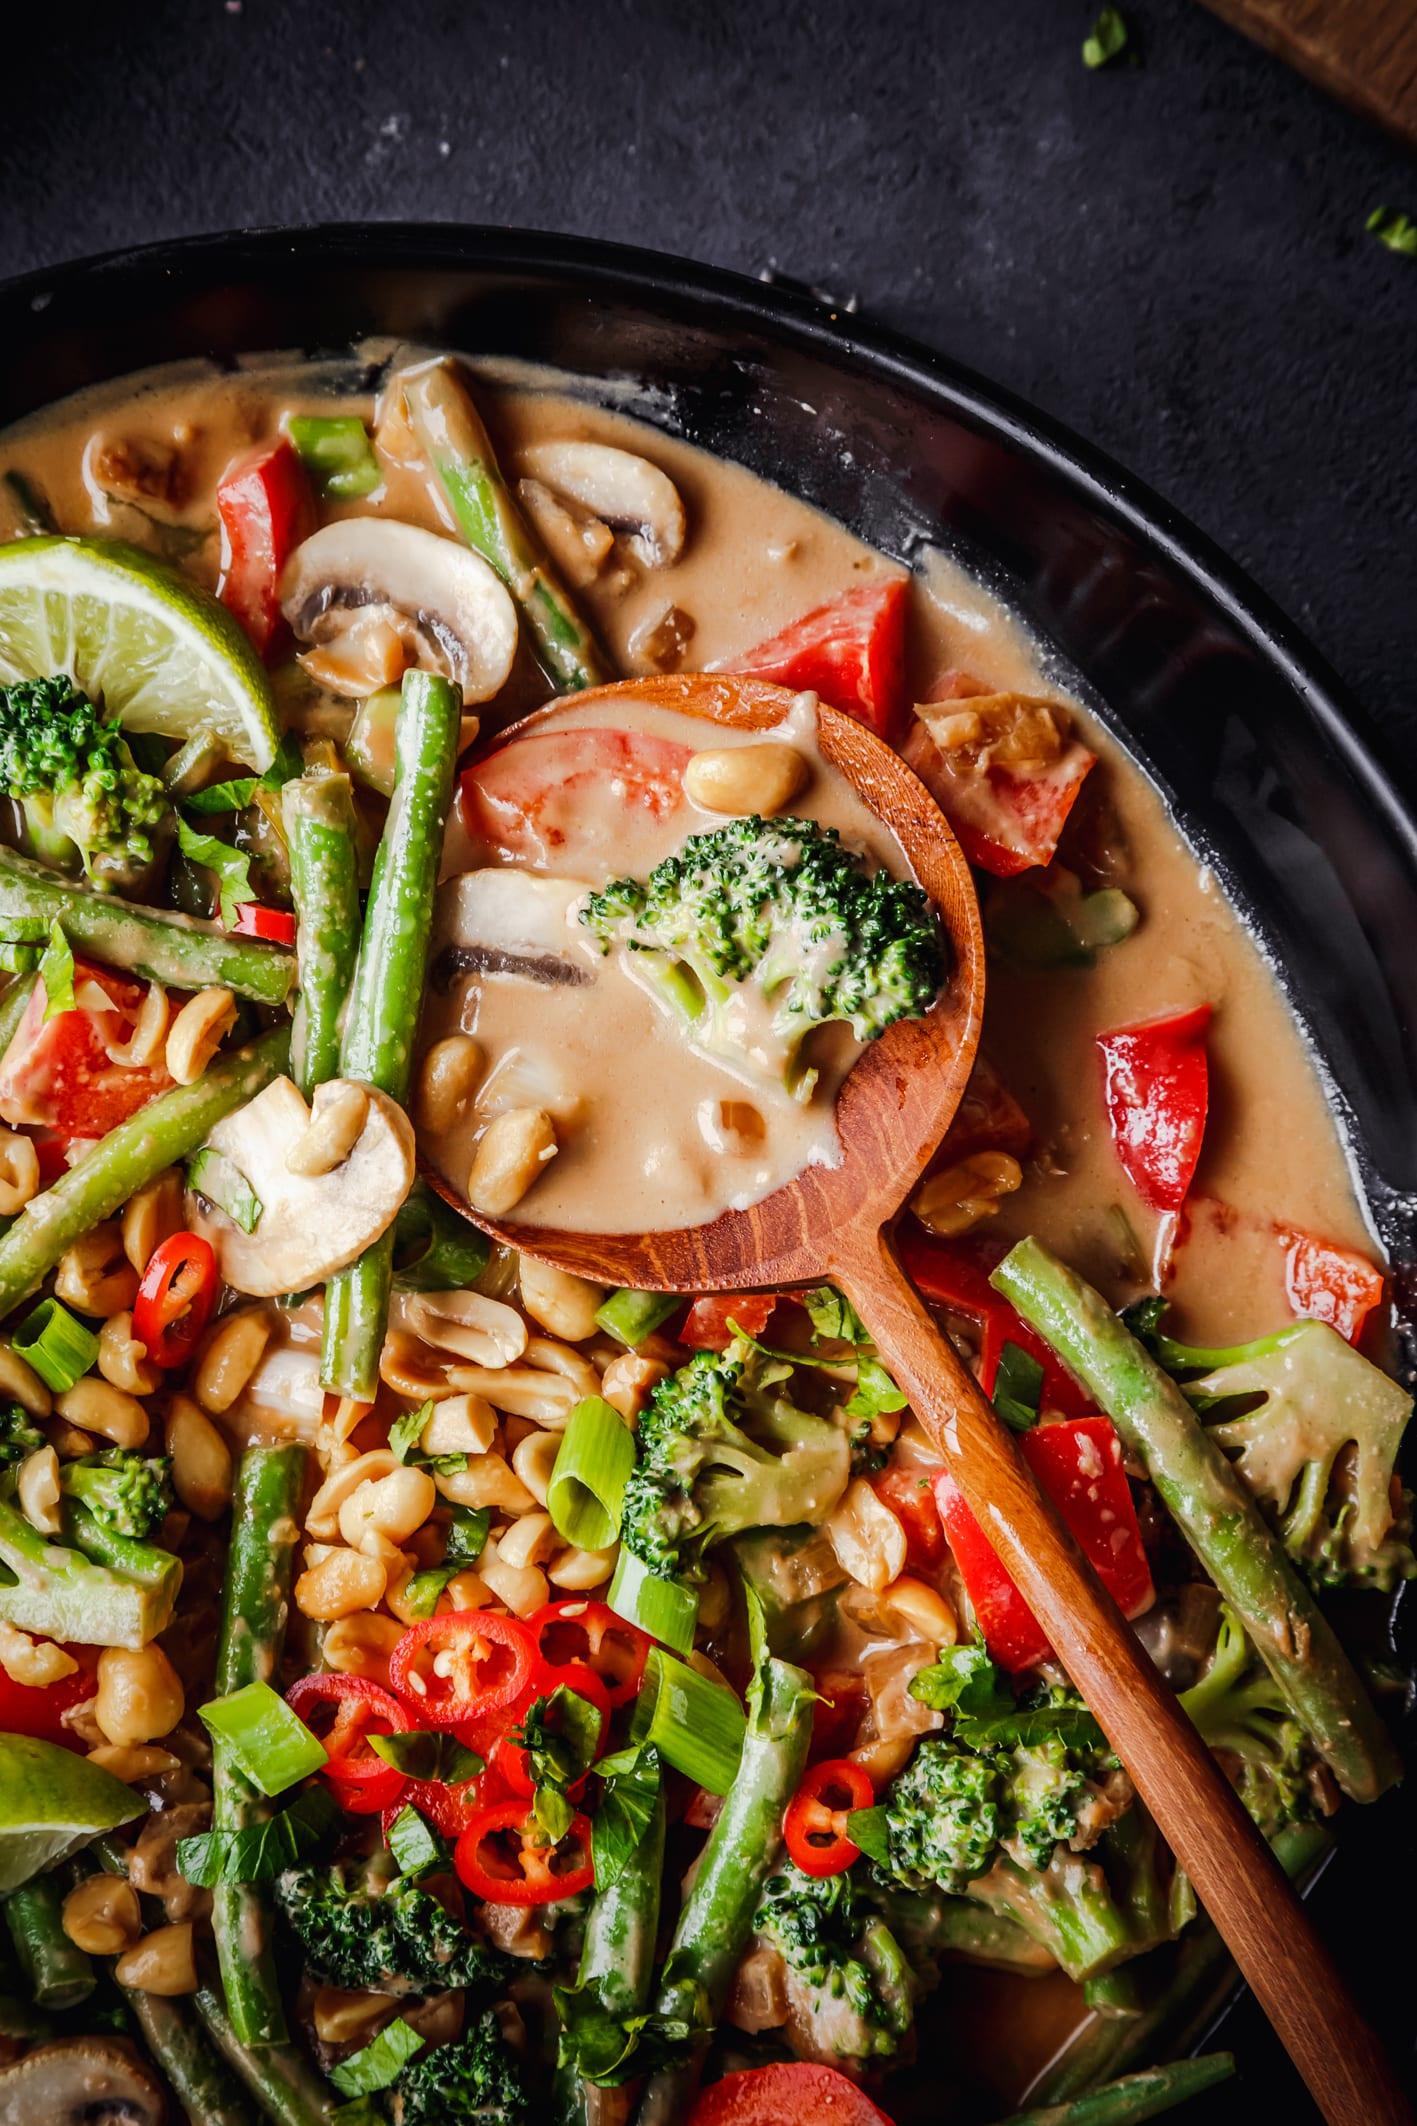 Cremiger Erdnussauce mit Gemüse